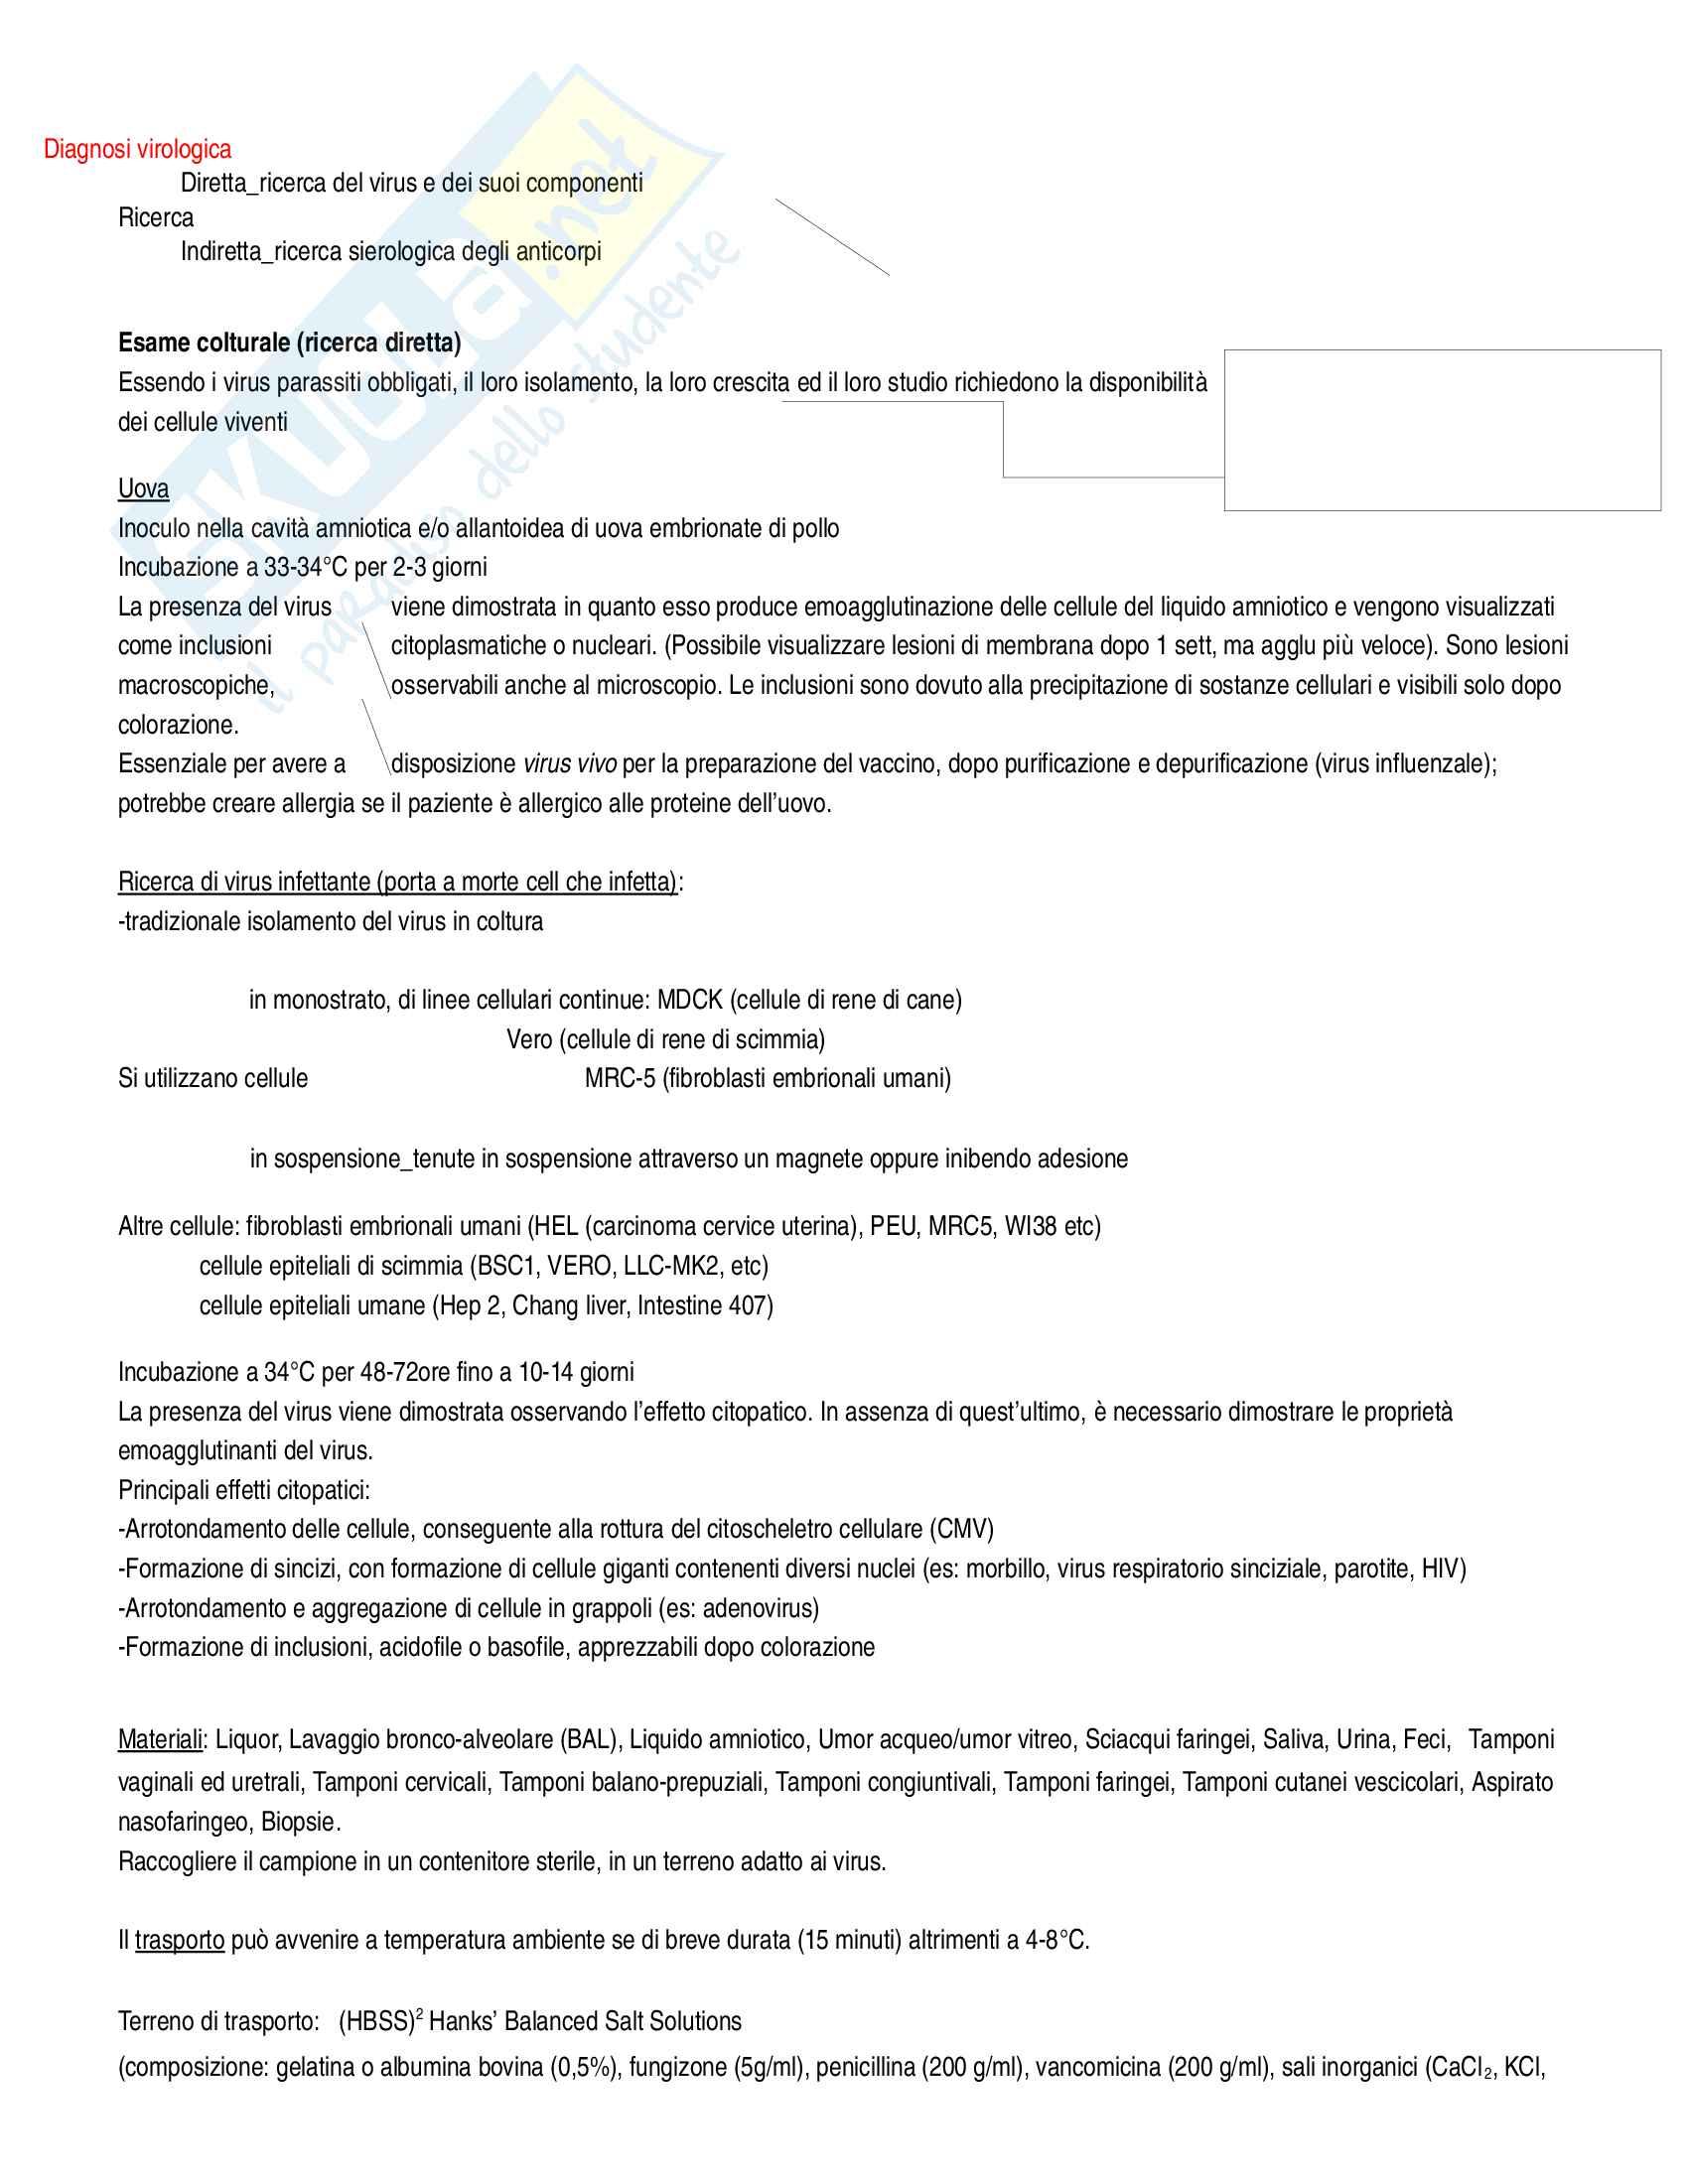 appunto P. Clerici Tecniche diagnostiche in Virologia, Micologia e Microbiologia